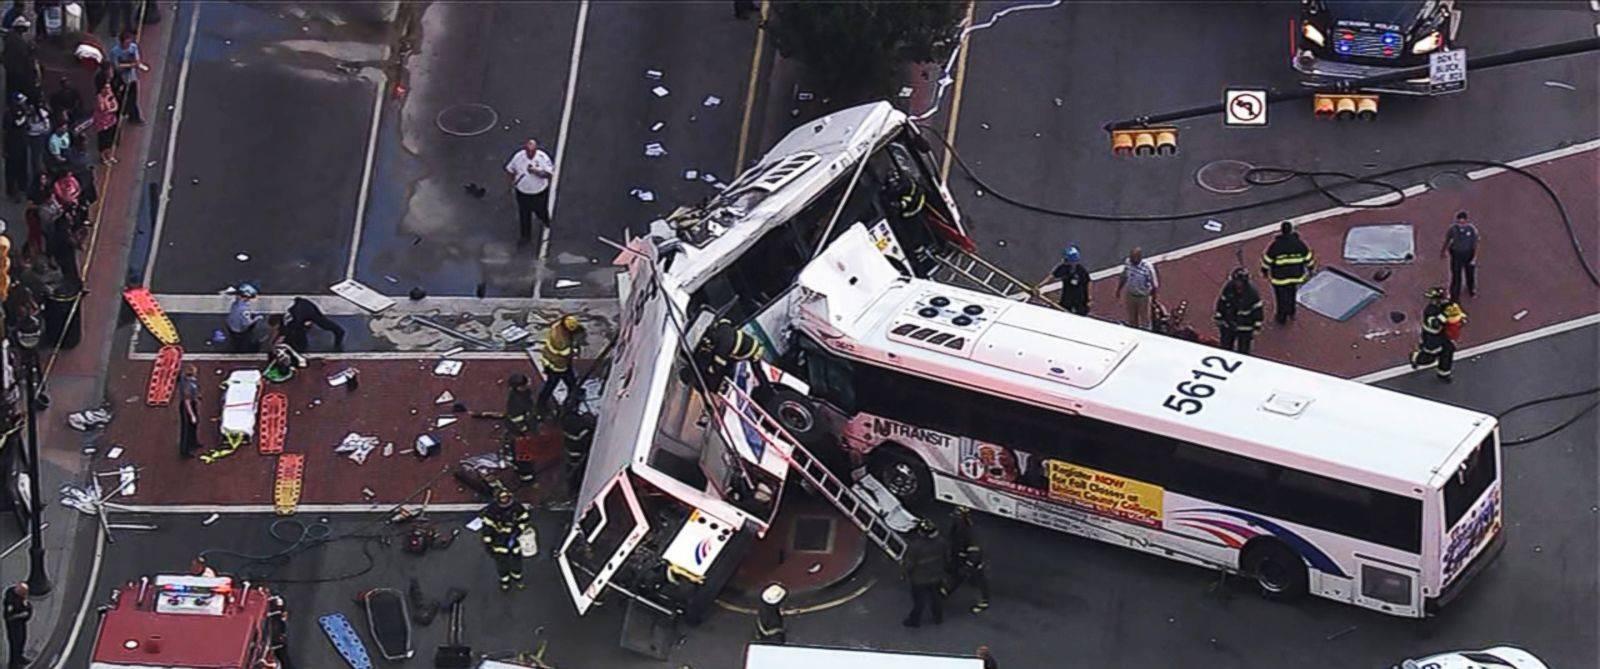 6cb0da870da8b6356804_HT_bus_crash1_ml_160819_31x13_1600.jpg